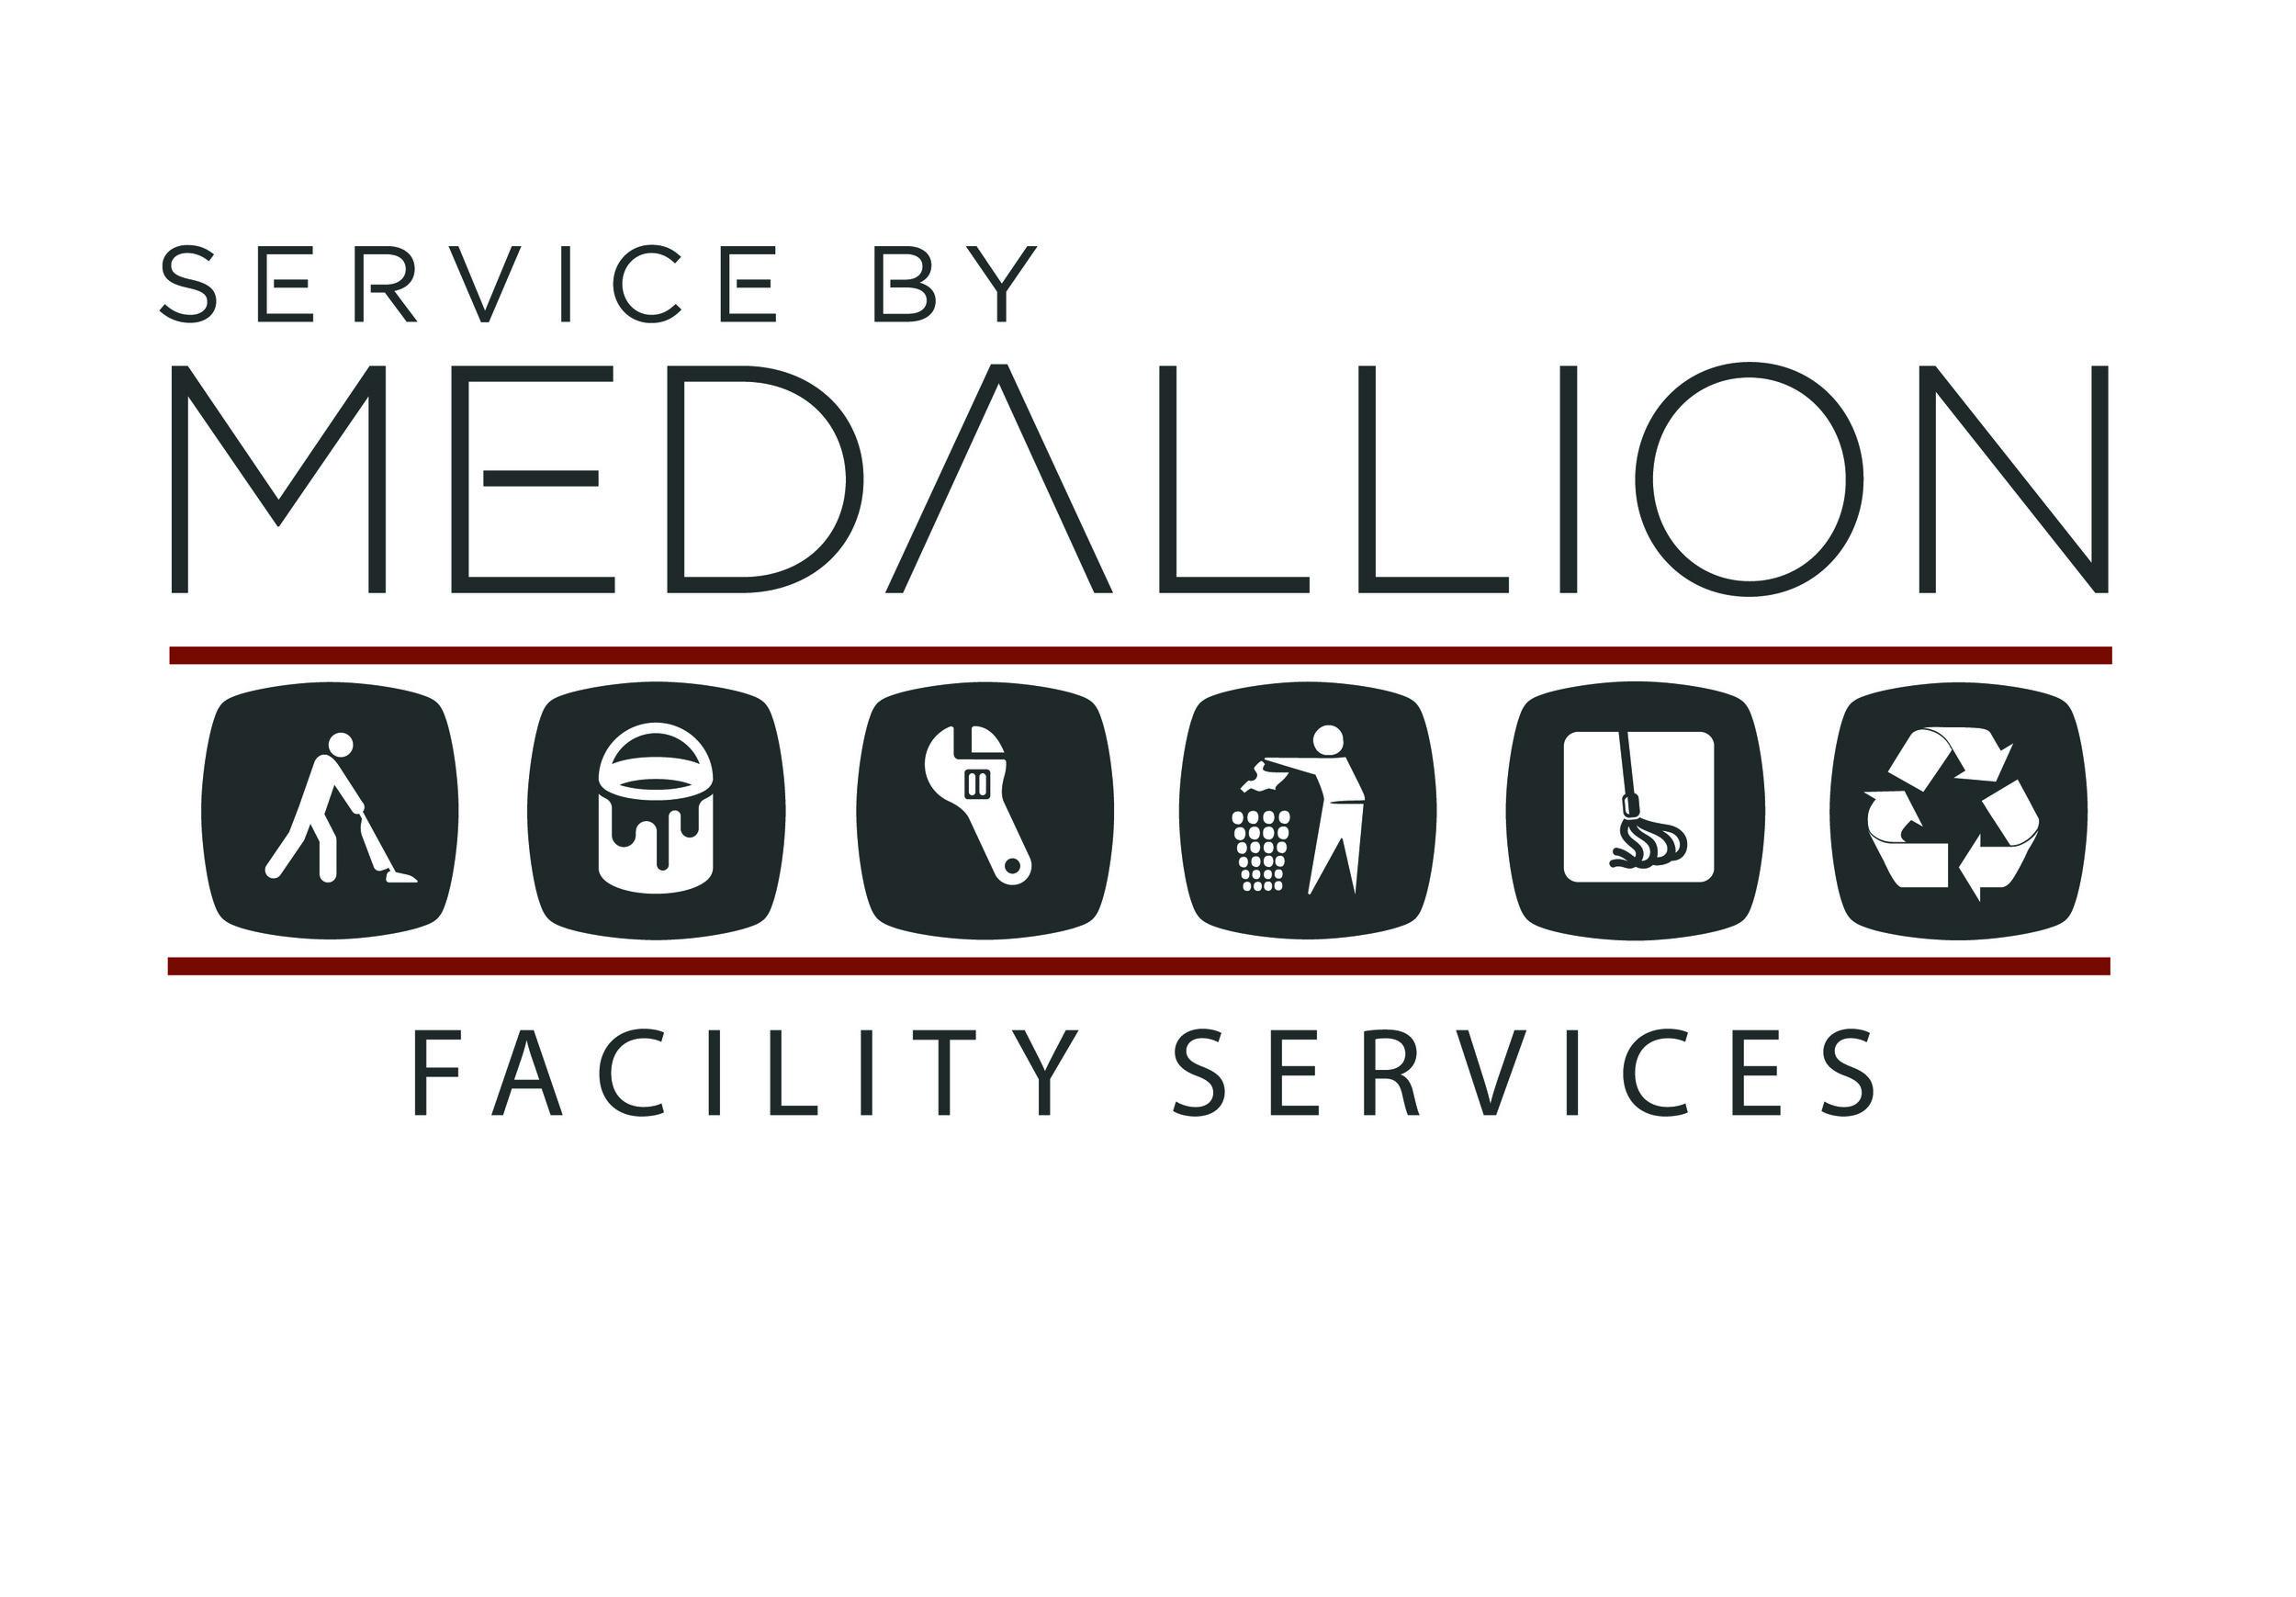 Medallion 2018 Logo 2.jpg